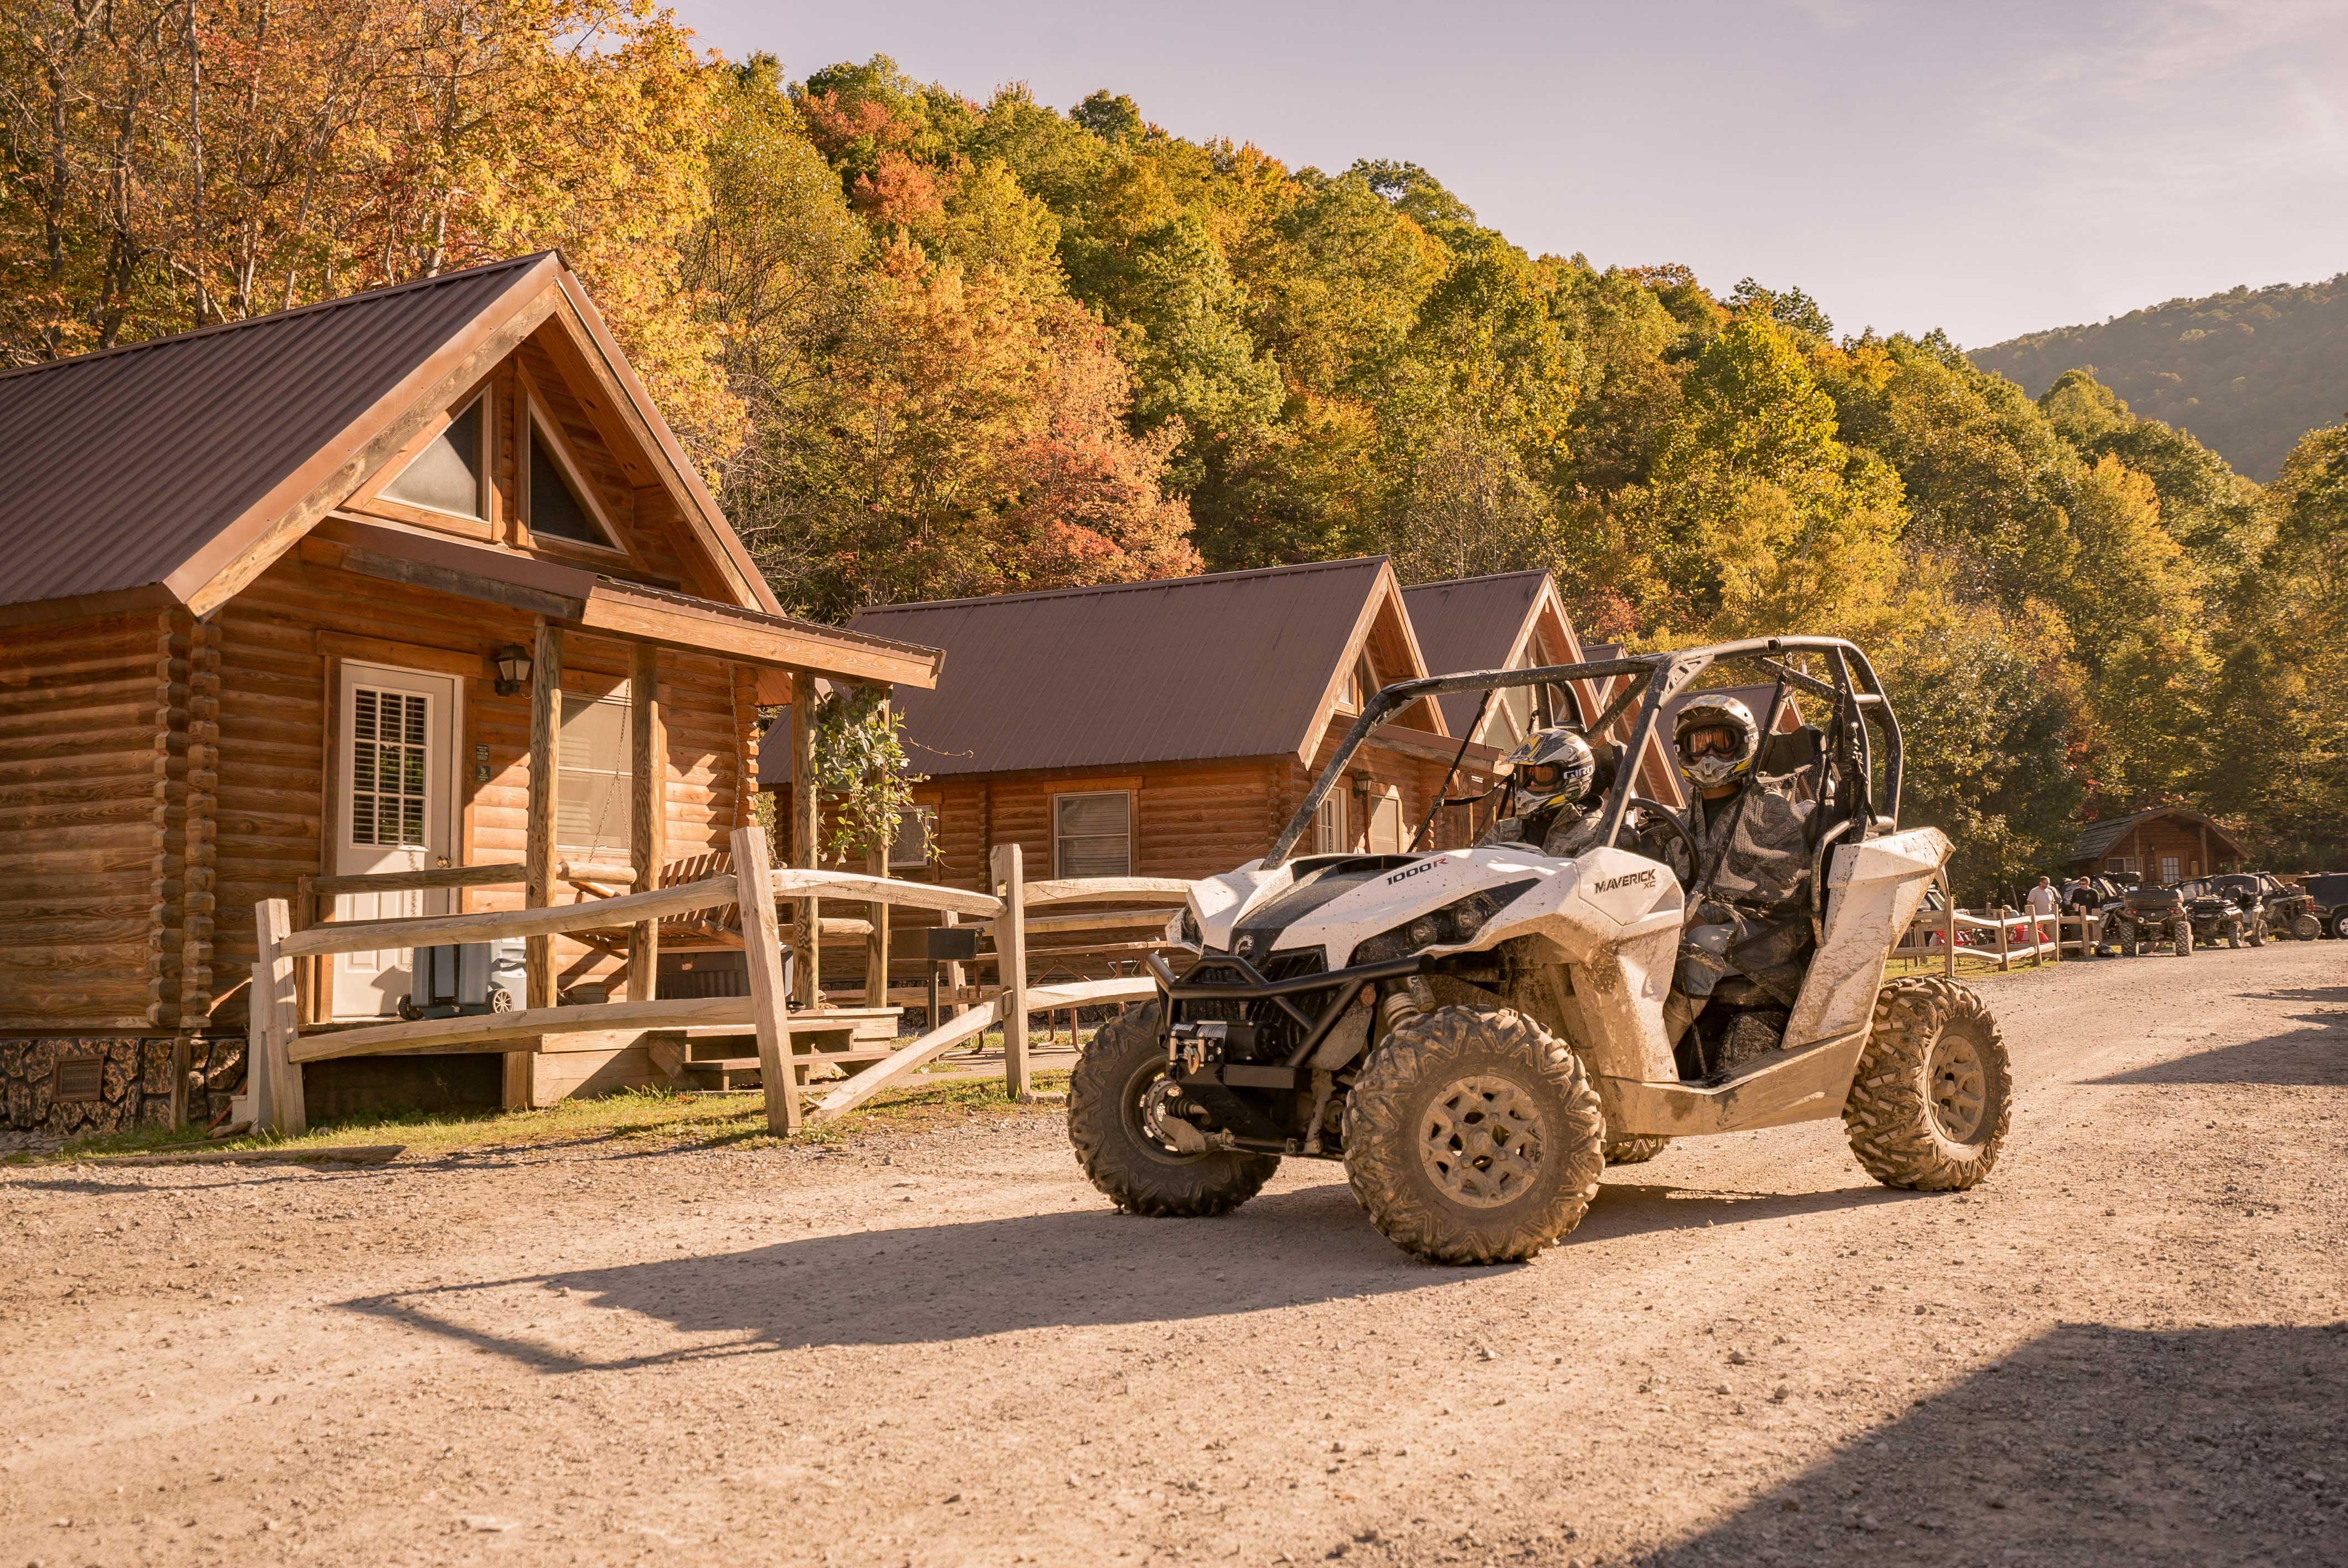 Home Ashland Atv Resort On The Hatfield Mccoy Trail